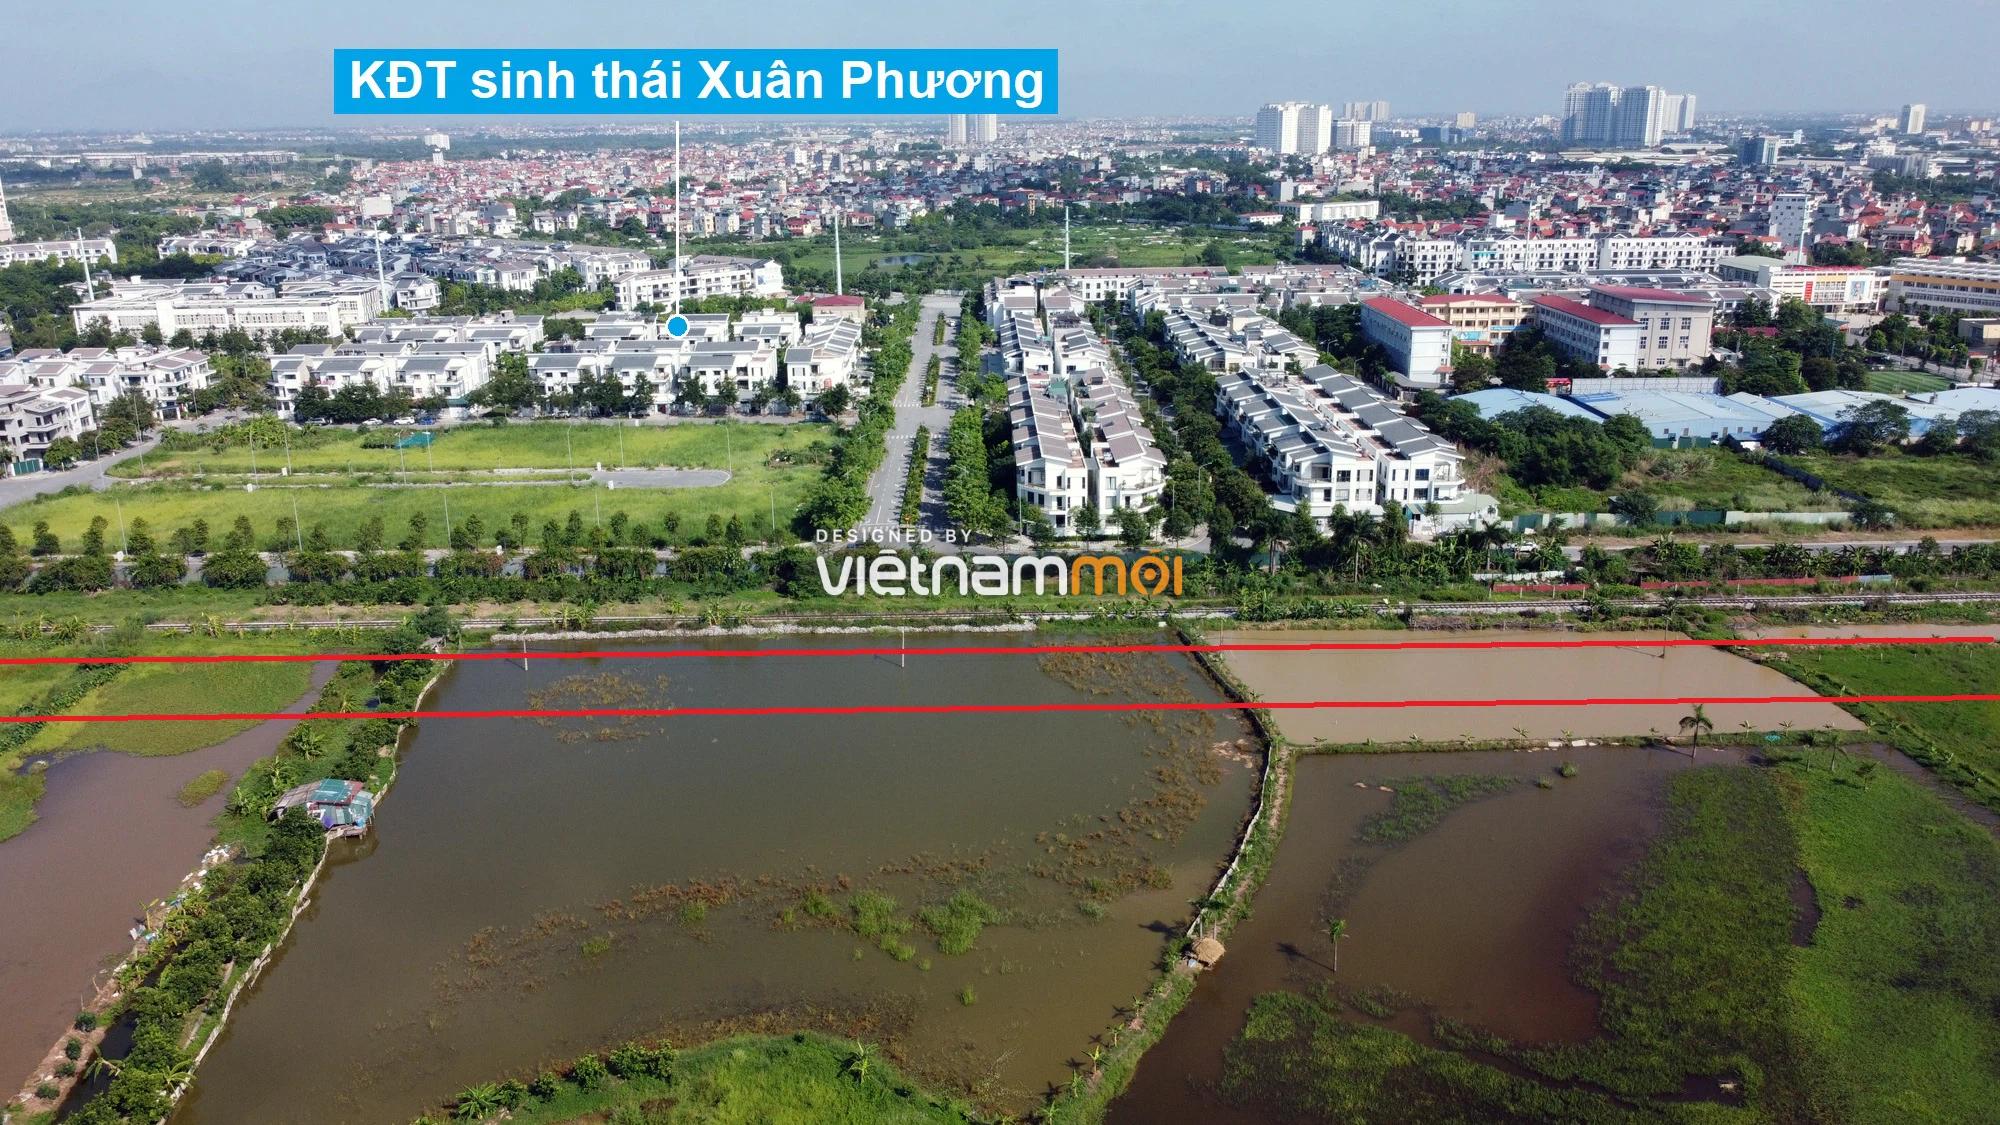 Những khu đất sắp thu hồi để mở đường ở phường Xuân Phương, Nam Từ Liêm, Hà Nội (phần 6) - Ảnh 7.